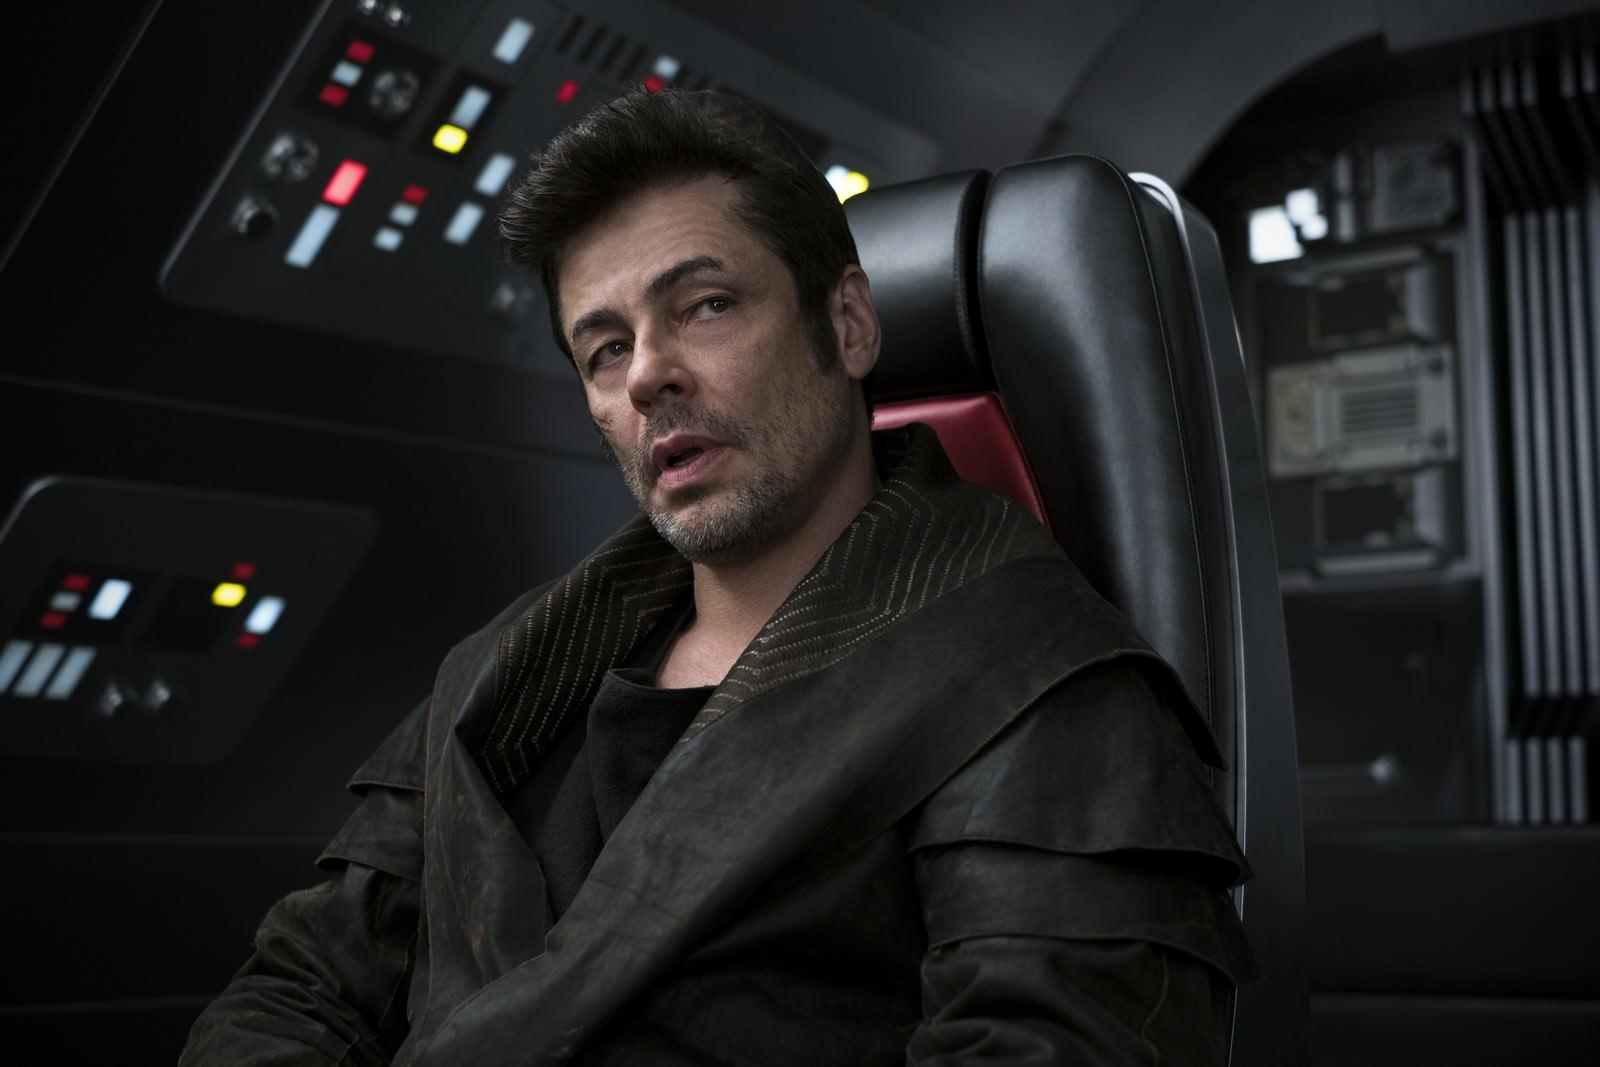 Movie, Star Wars: The Last Jedi(美國, 2017) / STAR WARS:最後的絕地武士(台灣) / 星球大战8:最后的绝地武士(中國) / 星球大戰:最後絕地武士(香港), 電影劇照